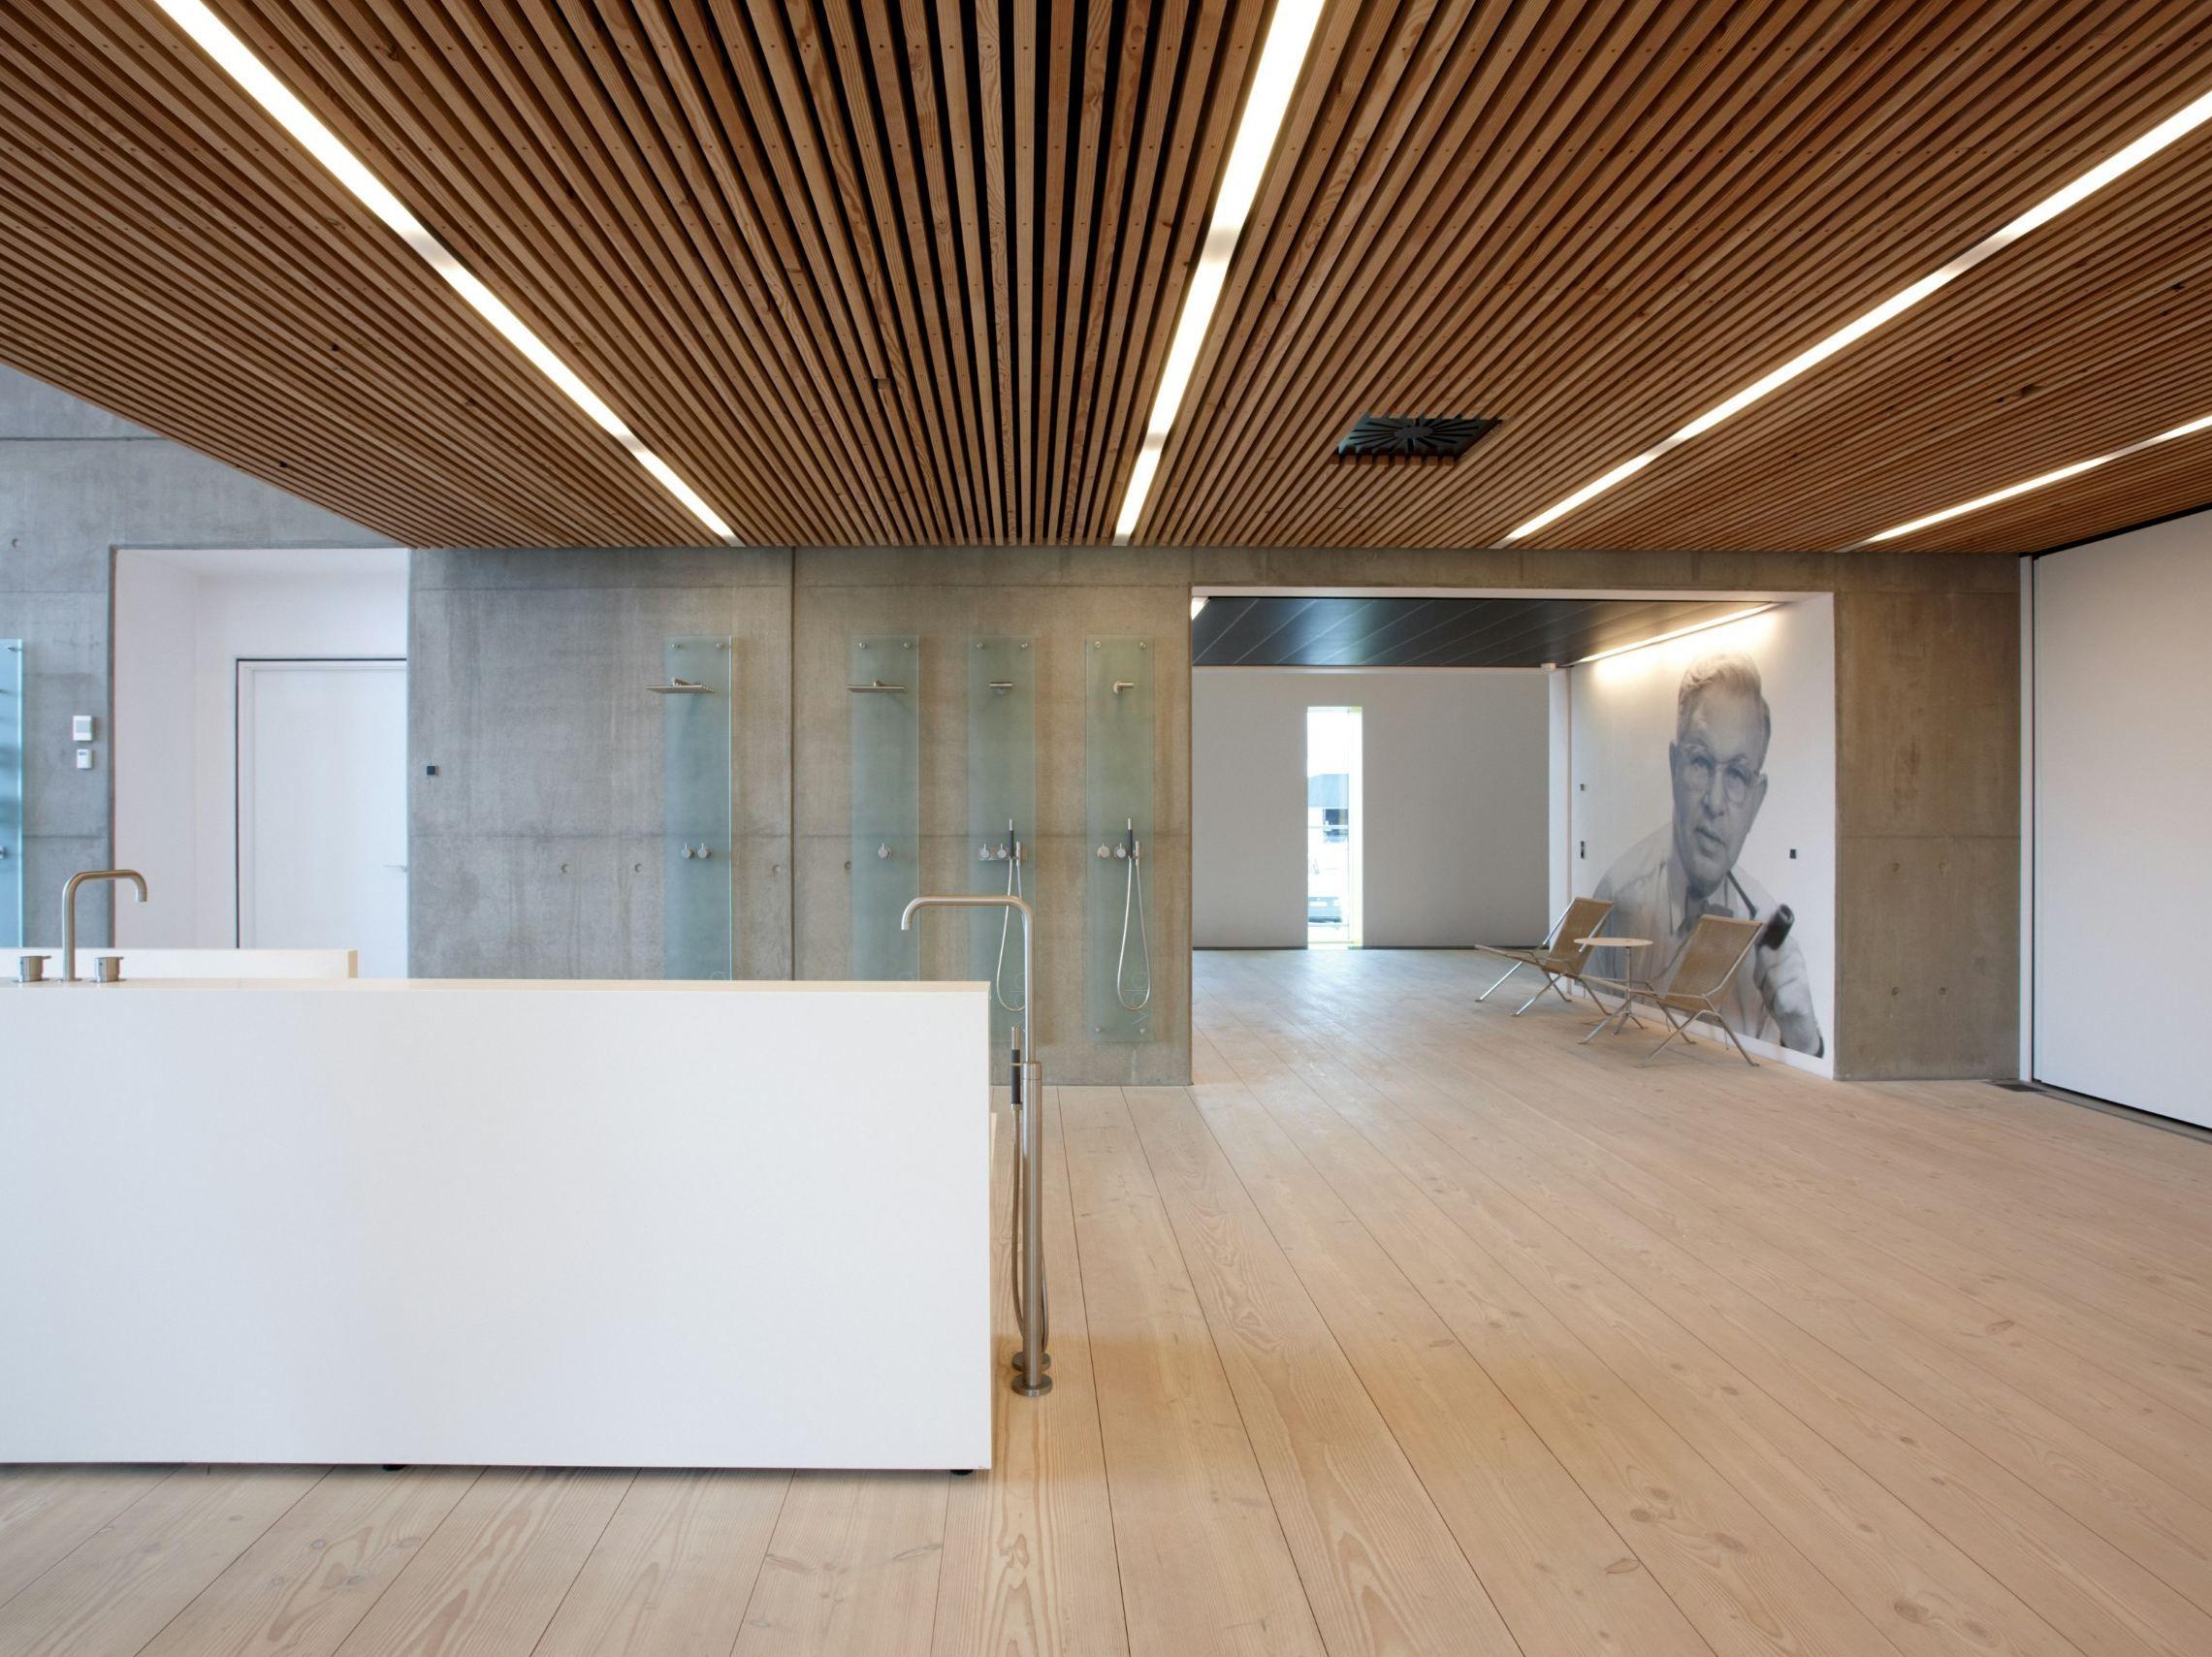 Falso techo imitación madera DINESEN CEILING - Dinesen | Ceilings ...